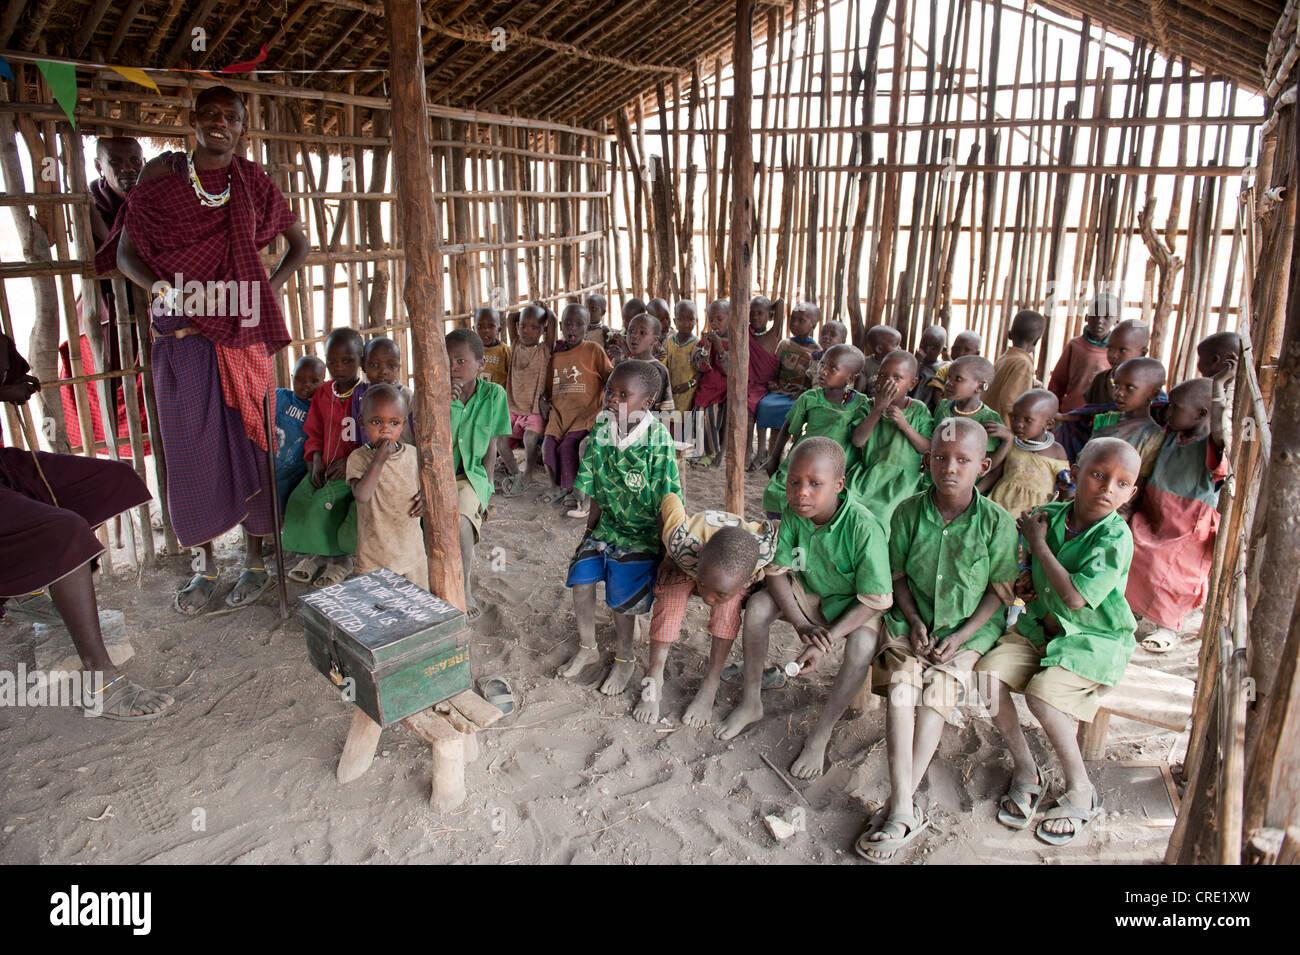 L'éducation et la pauvreté, les enfants d'une école primaire classe avec un enseignant, l'ethnologie, Photo Stock